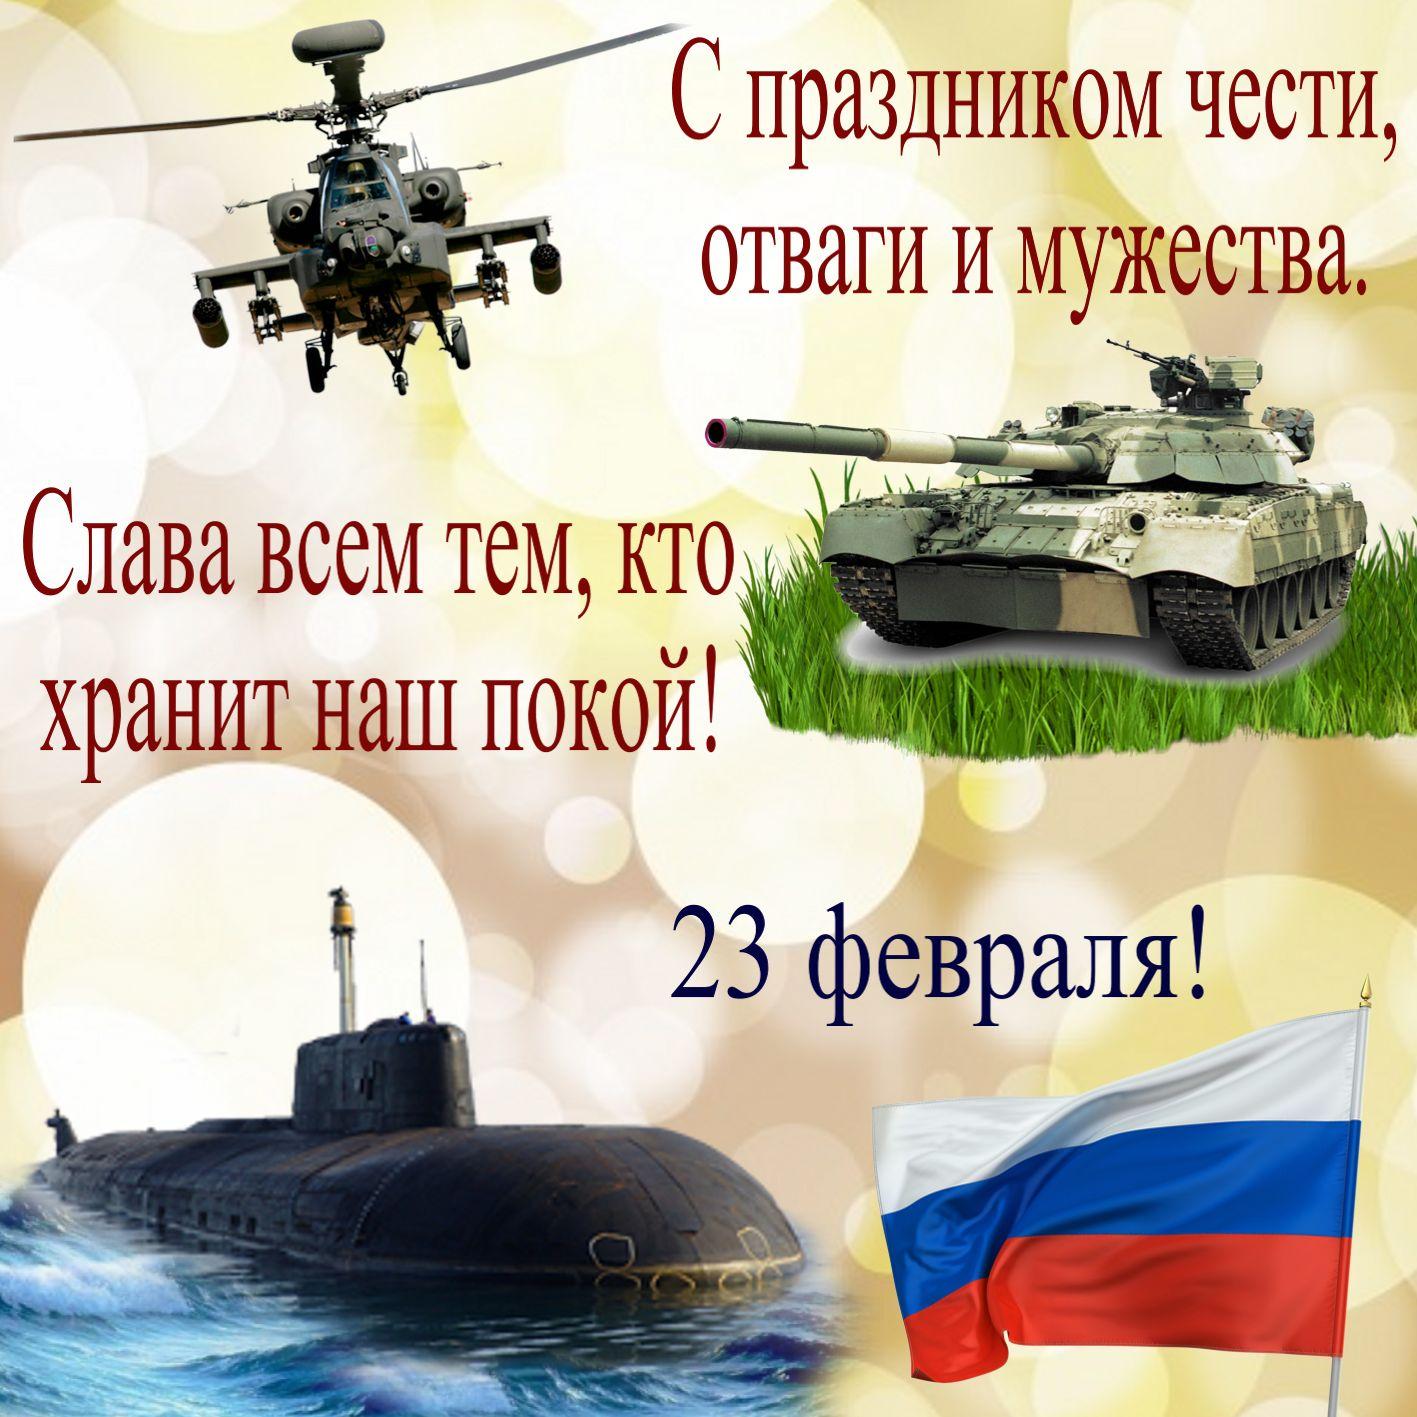 ❶Открытки с 23 февраля военным|Поздравления парню с 23 февраля в прозе|USSR | Propaganda | Pinterest | Soviet union, Poster and Aviation|Battle of Khasham|}